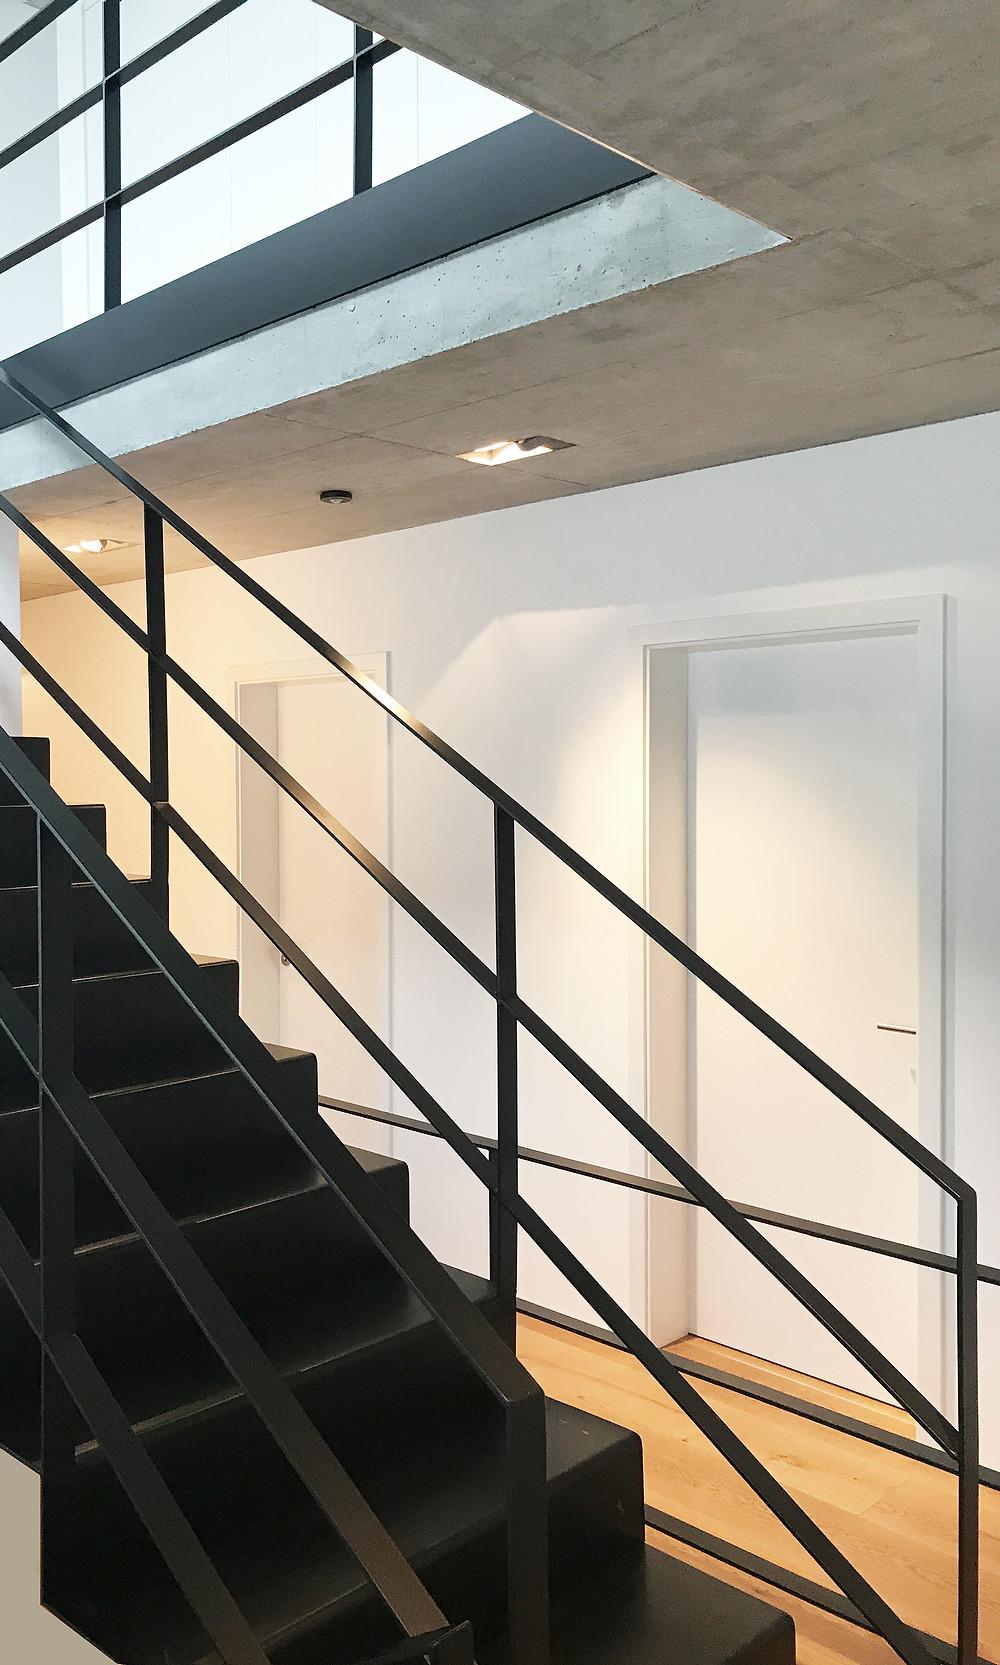 Wohnhaus in Herdecke - Treppe OG - kirschnick architektur BDA